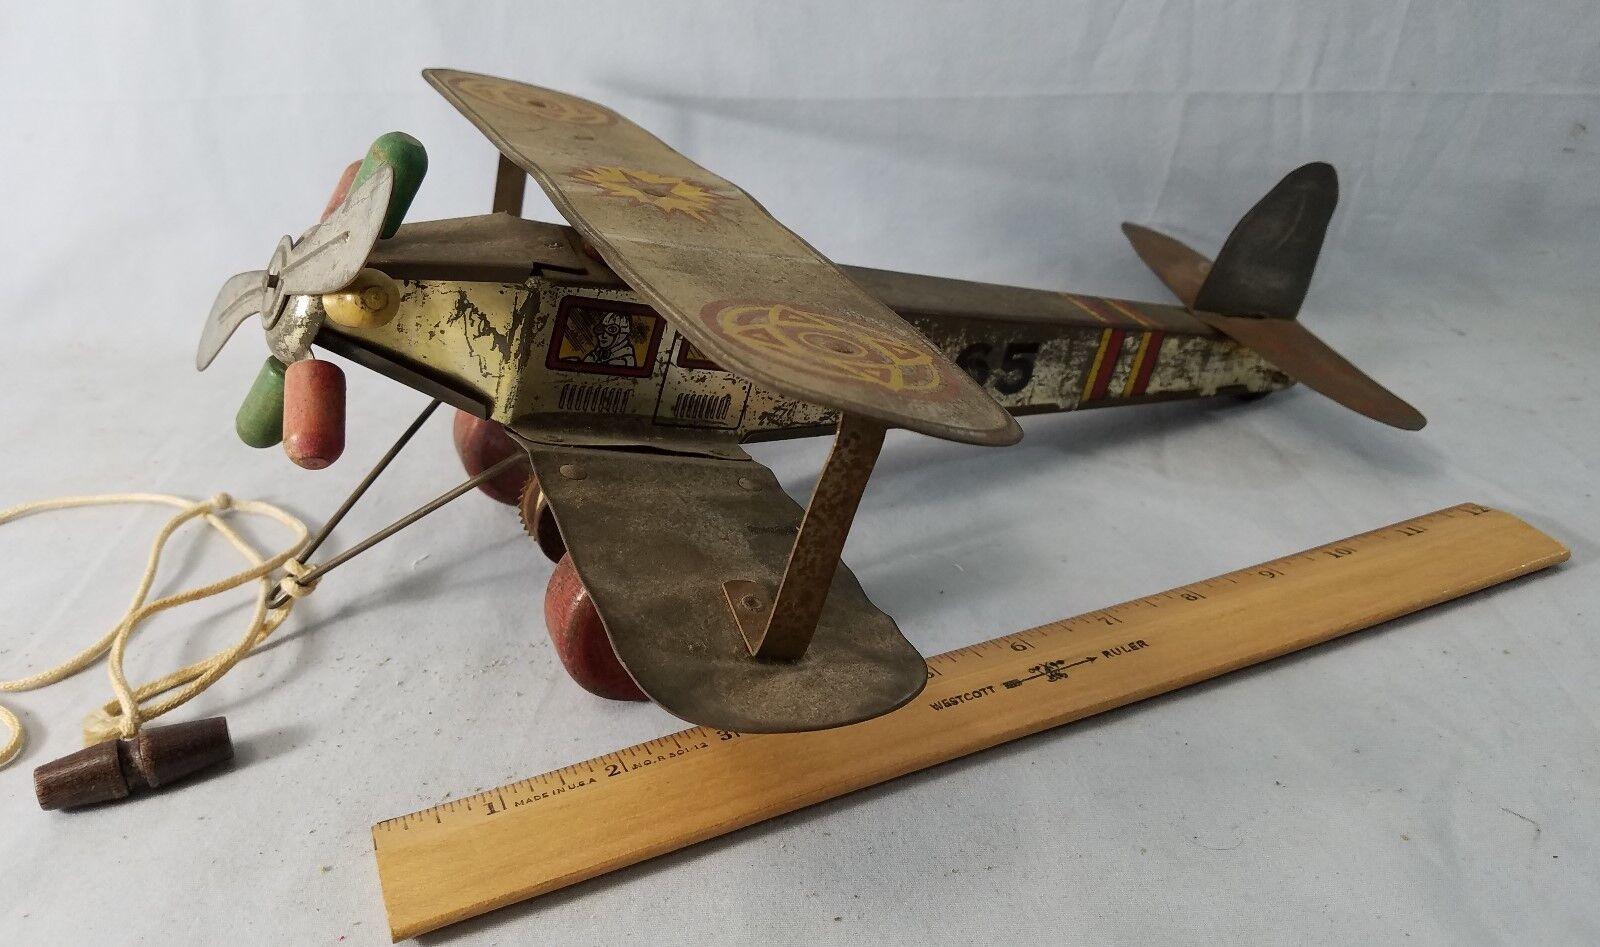 Antiguo Raro década de 1920 Estaño Bi-Avión Avión motor radial 12 12 de largo en funcionamiento